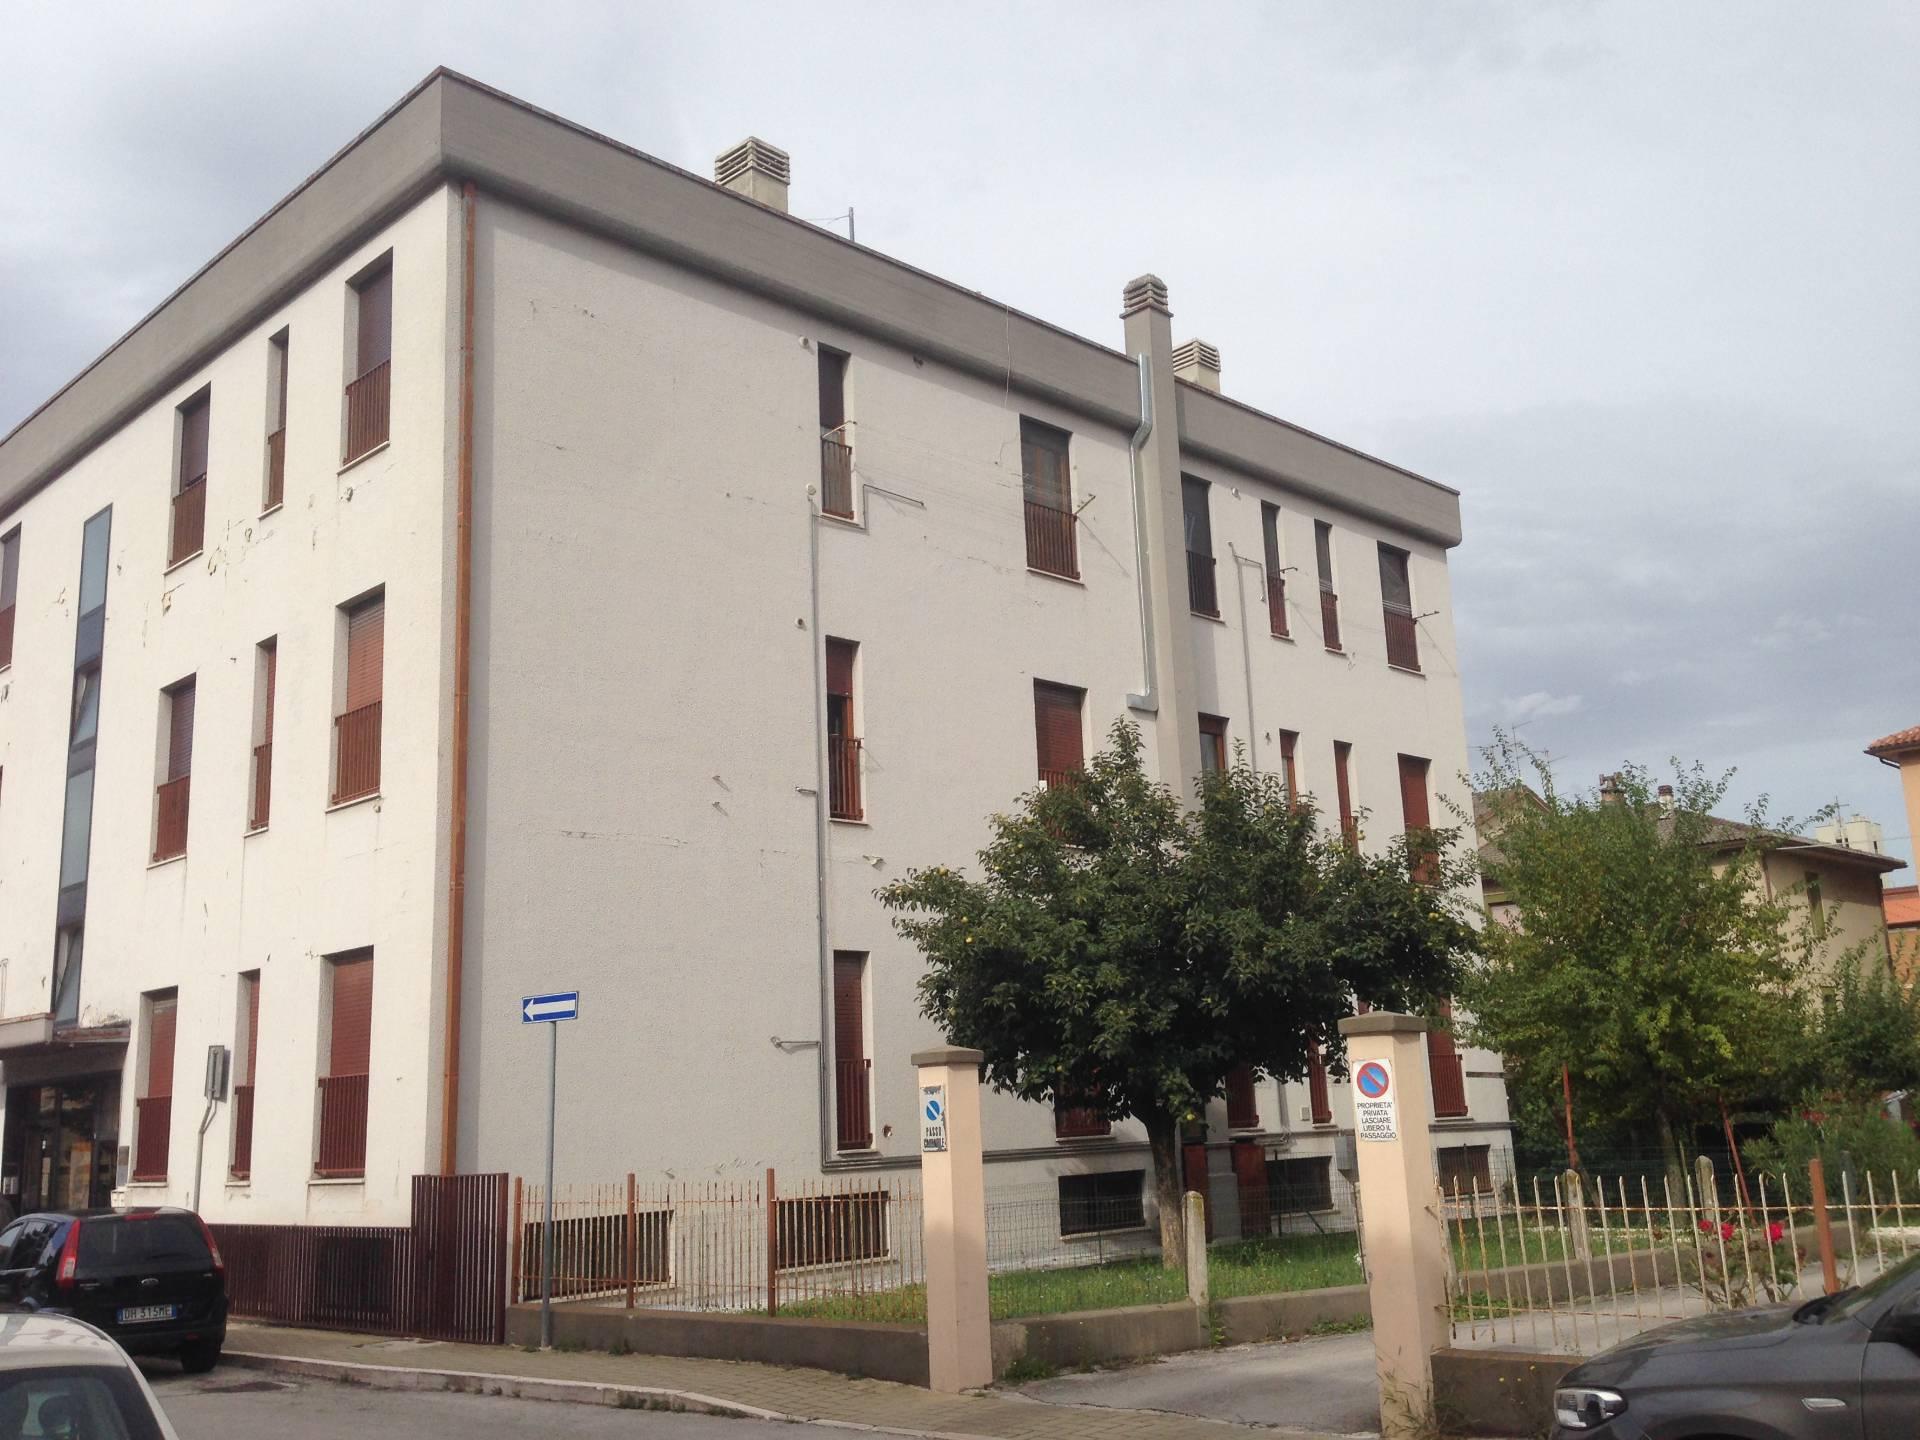 Appartamento in vendita a Fabriano, 6 locali, zona Località: PERIFERIA, Trattative riservate | CambioCasa.it